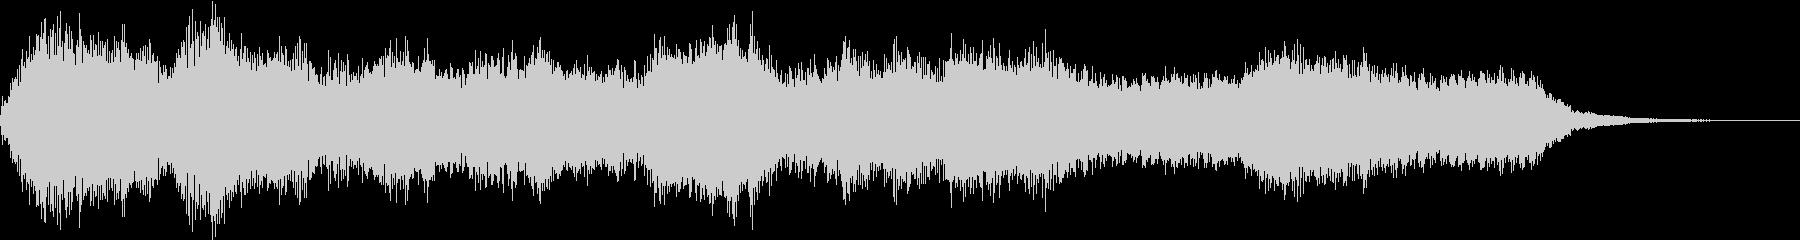 オーケストラによる厳かなジングルの未再生の波形